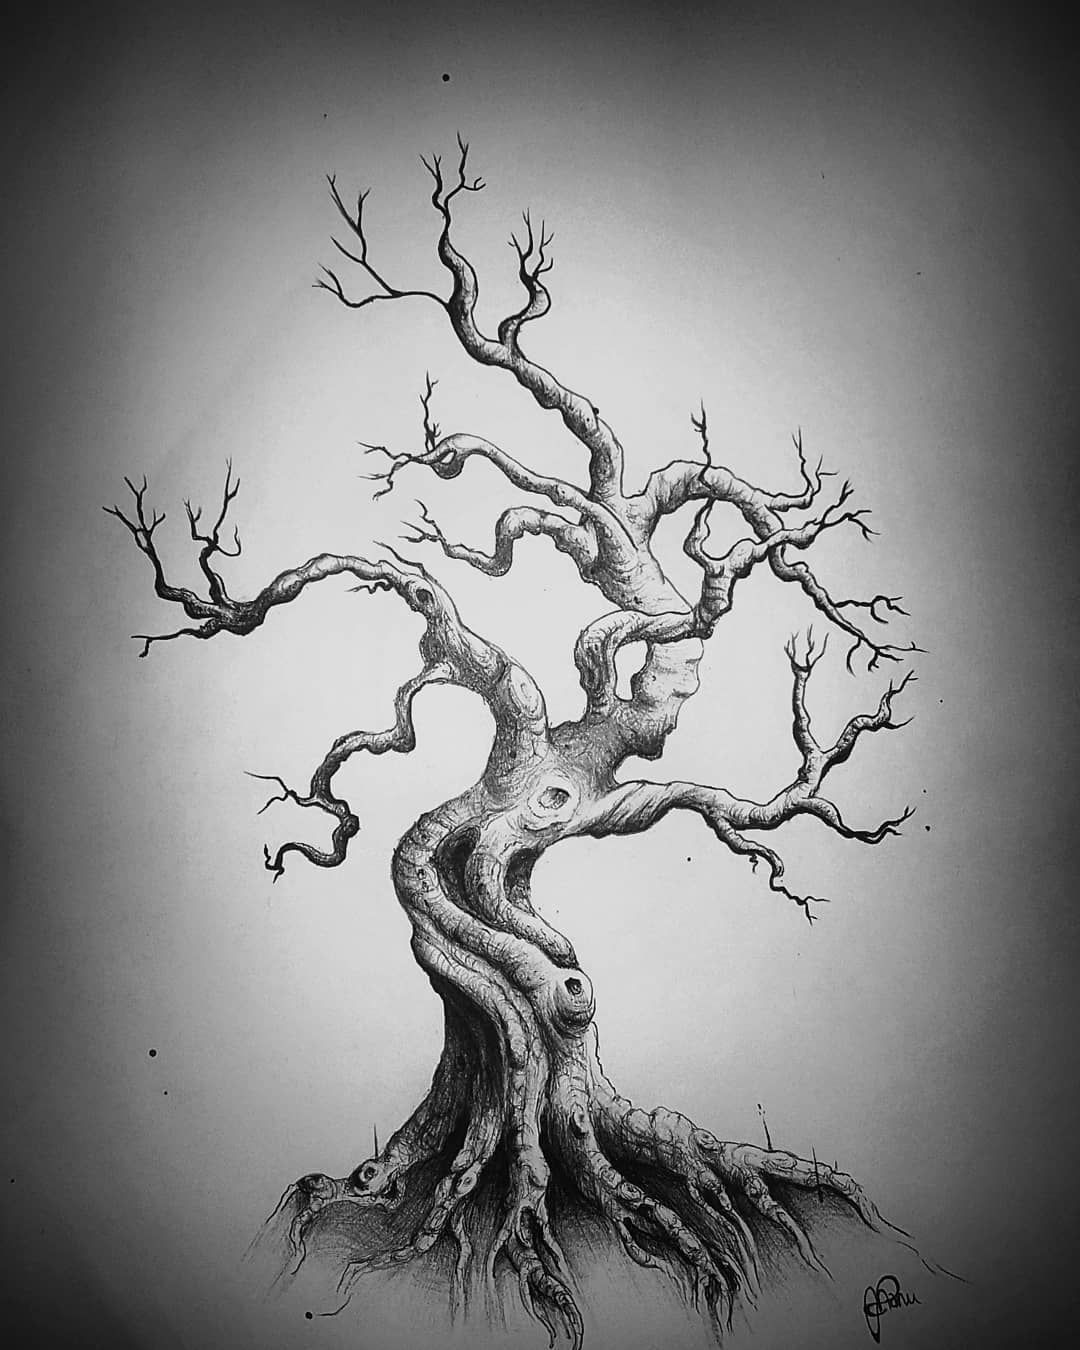 Photo of FineArt Tattoo Gallery sur Instagram: «- arbre tordu – # arbre # arbre de dessin # arbres # arbre tordu #ballpointpen # dessin # dessin de tatouage # ombre #mystique #baum #zeichnen # zeichnung…»